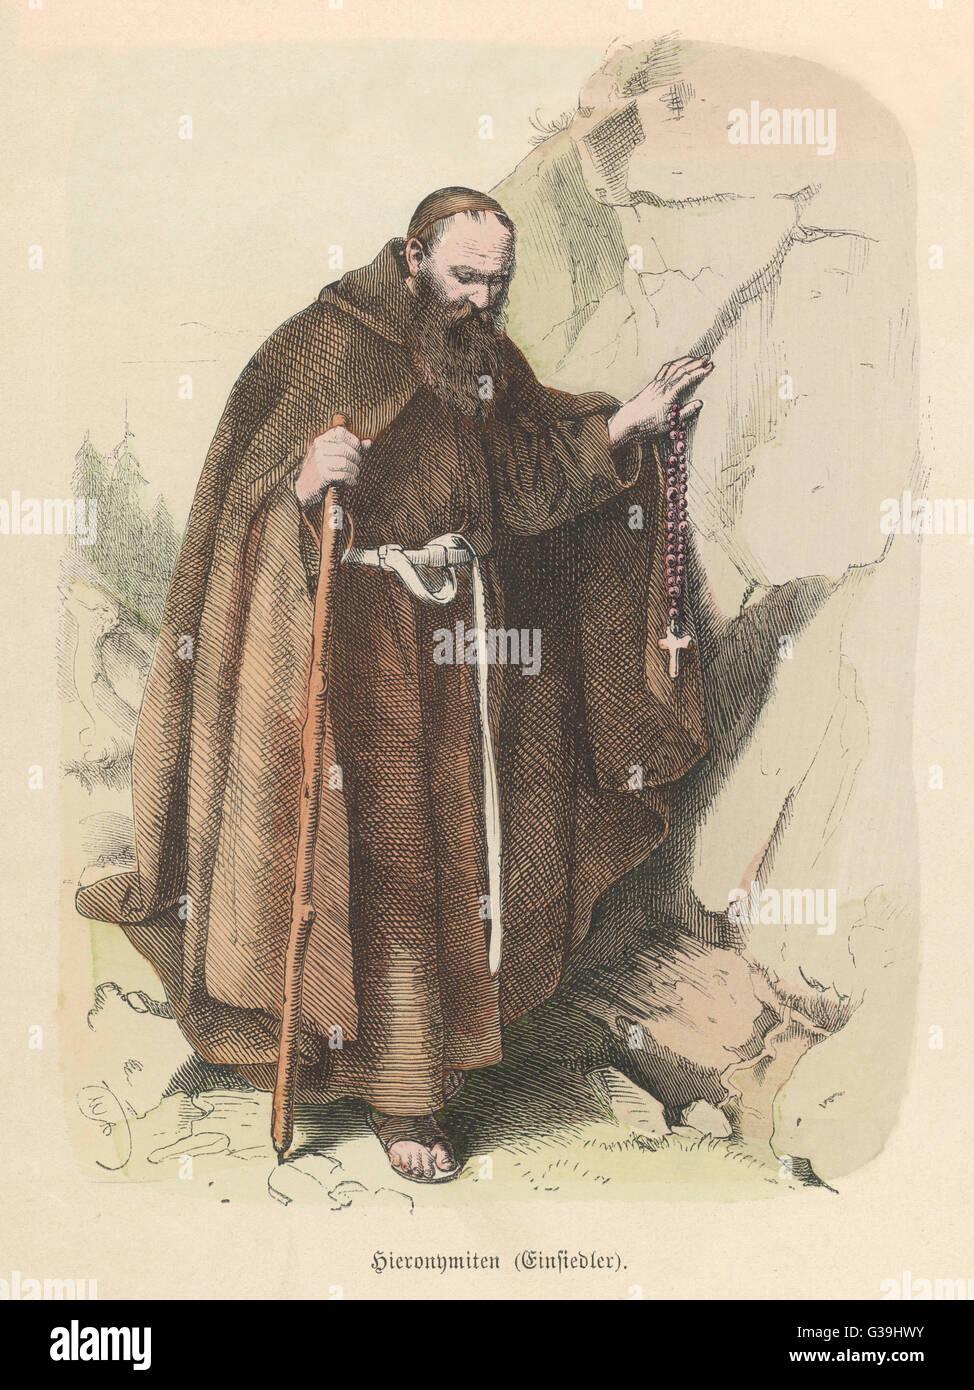 Hermit of Einsiedeln, Switzerland         Date: circa 1850 - Stock Image